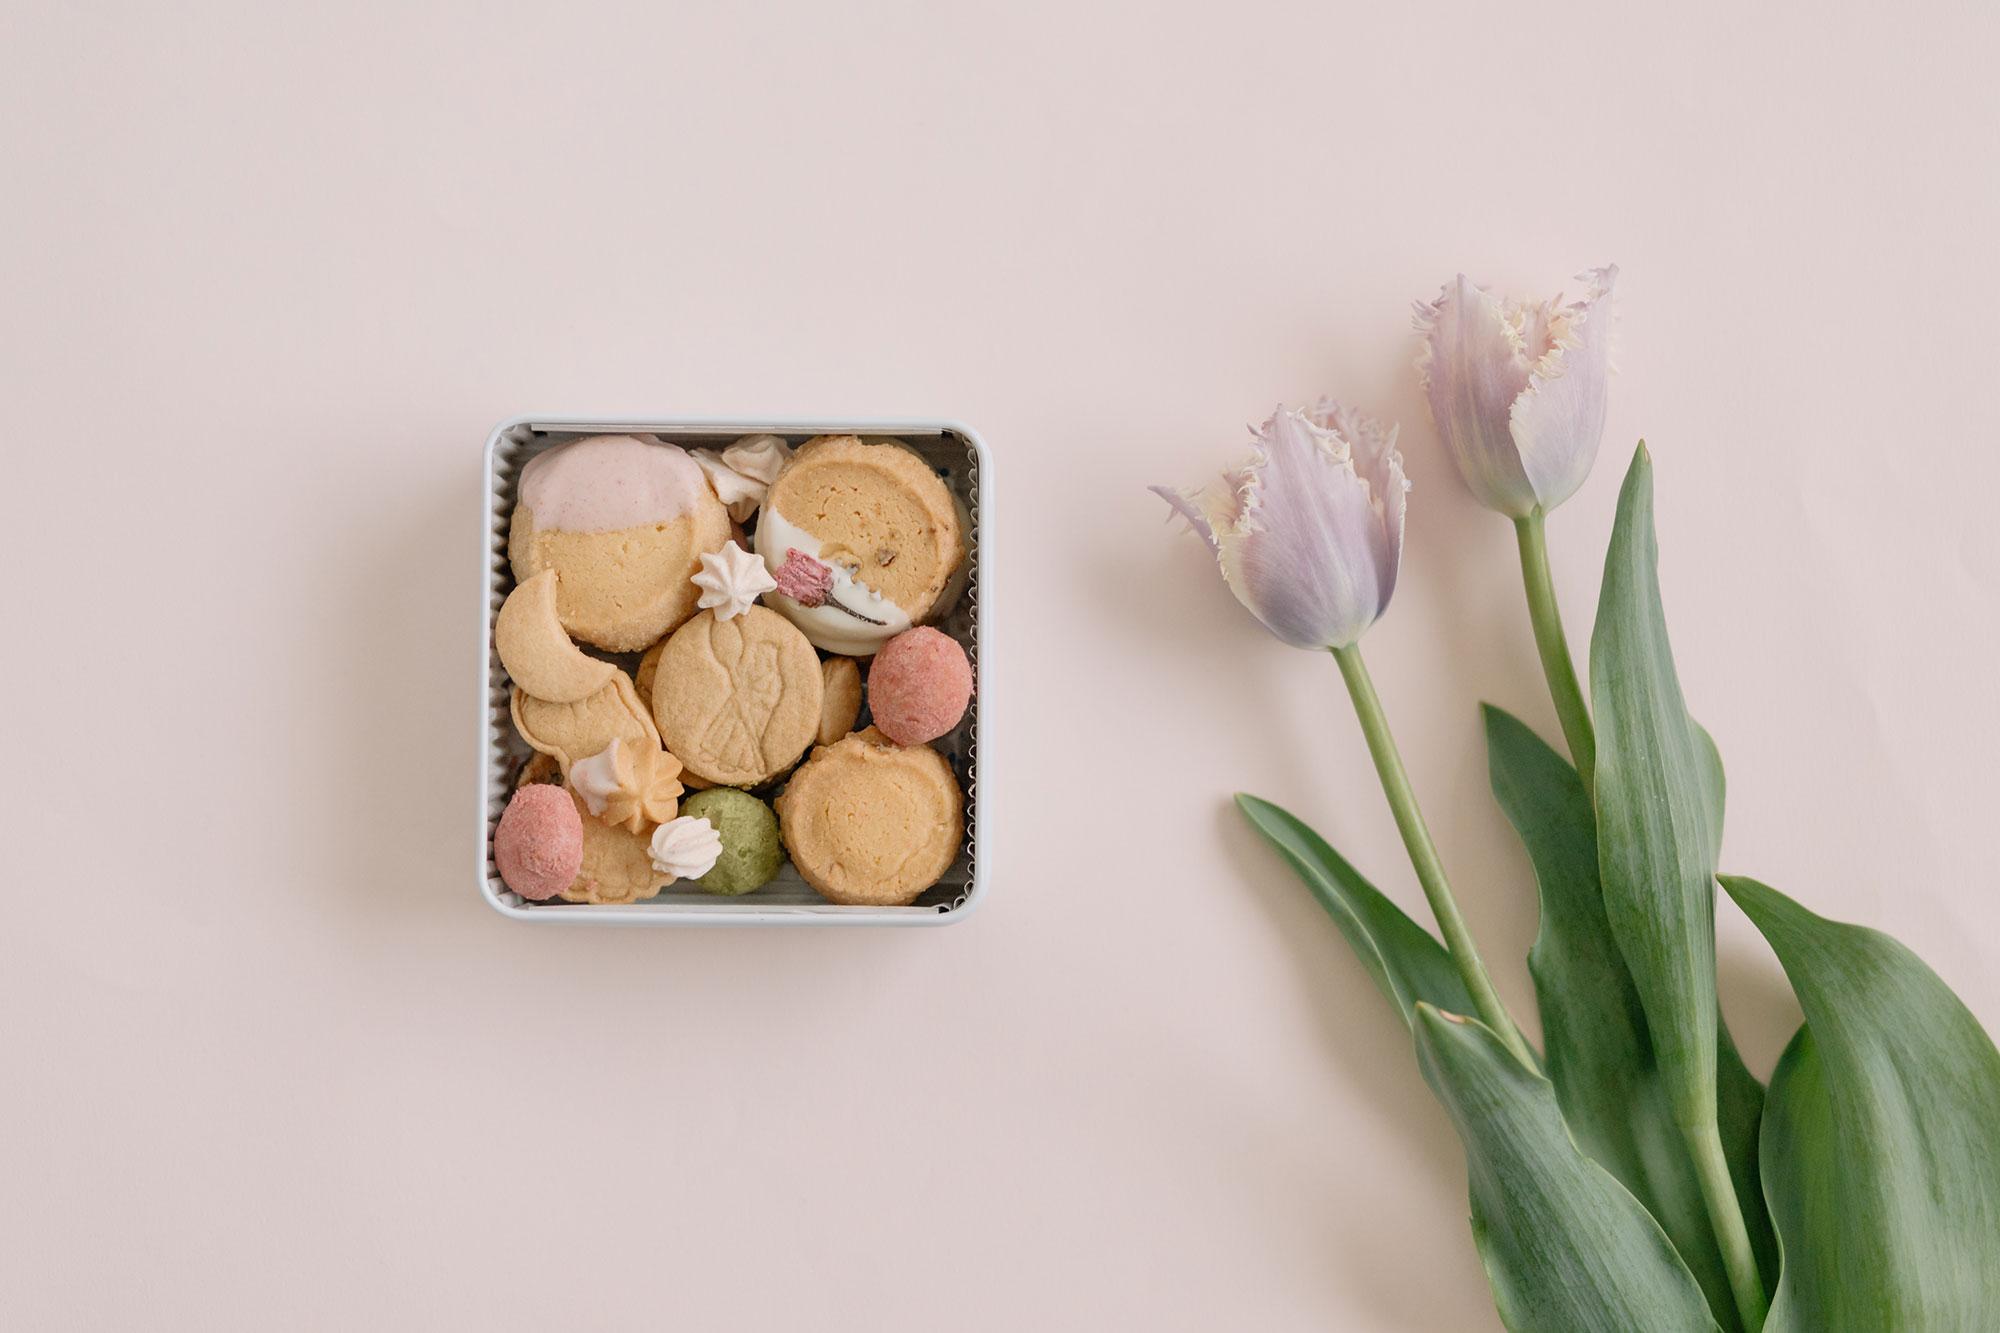 [4月22日出荷]Bionさんの季節のお届け便 spring(Bion 春のクッキー缶ミニ/Bäckerei cuisson スコーン缶/くらすことの三年番茶)